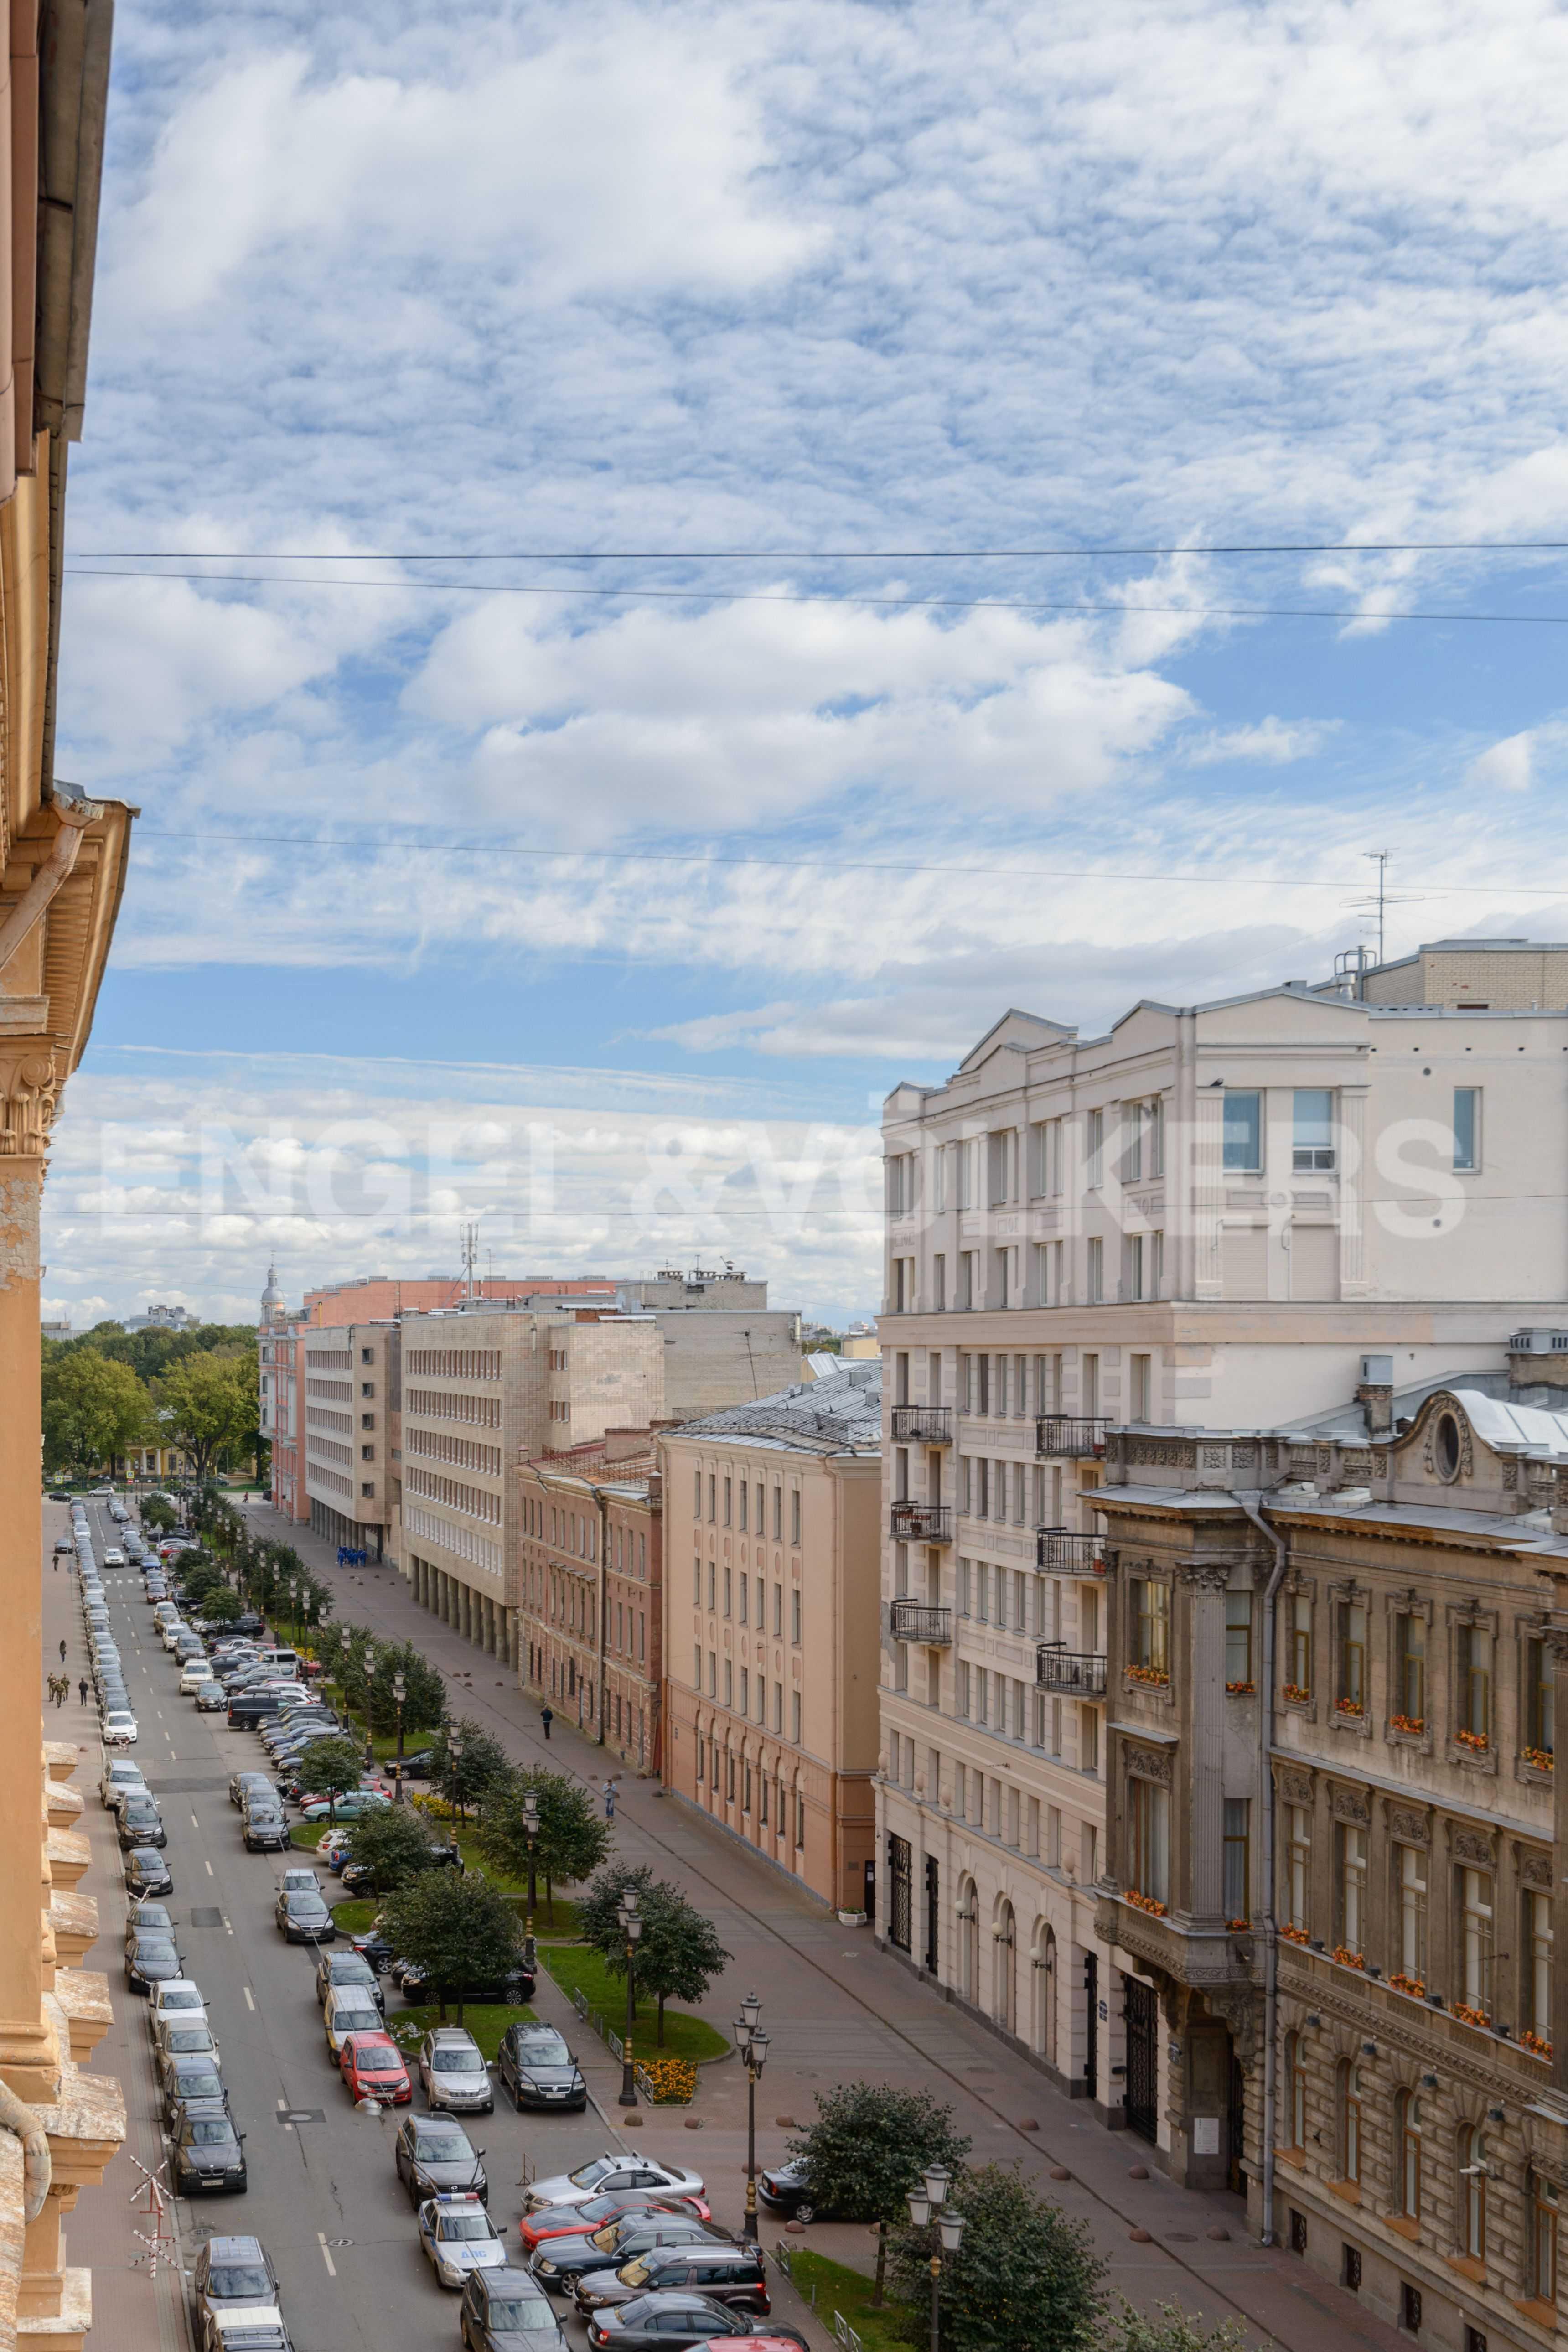 Элитные квартиры в Центральный р-н. Санкт-Петербург, Захарьевская, 16. Вид в сторону Таврического сада